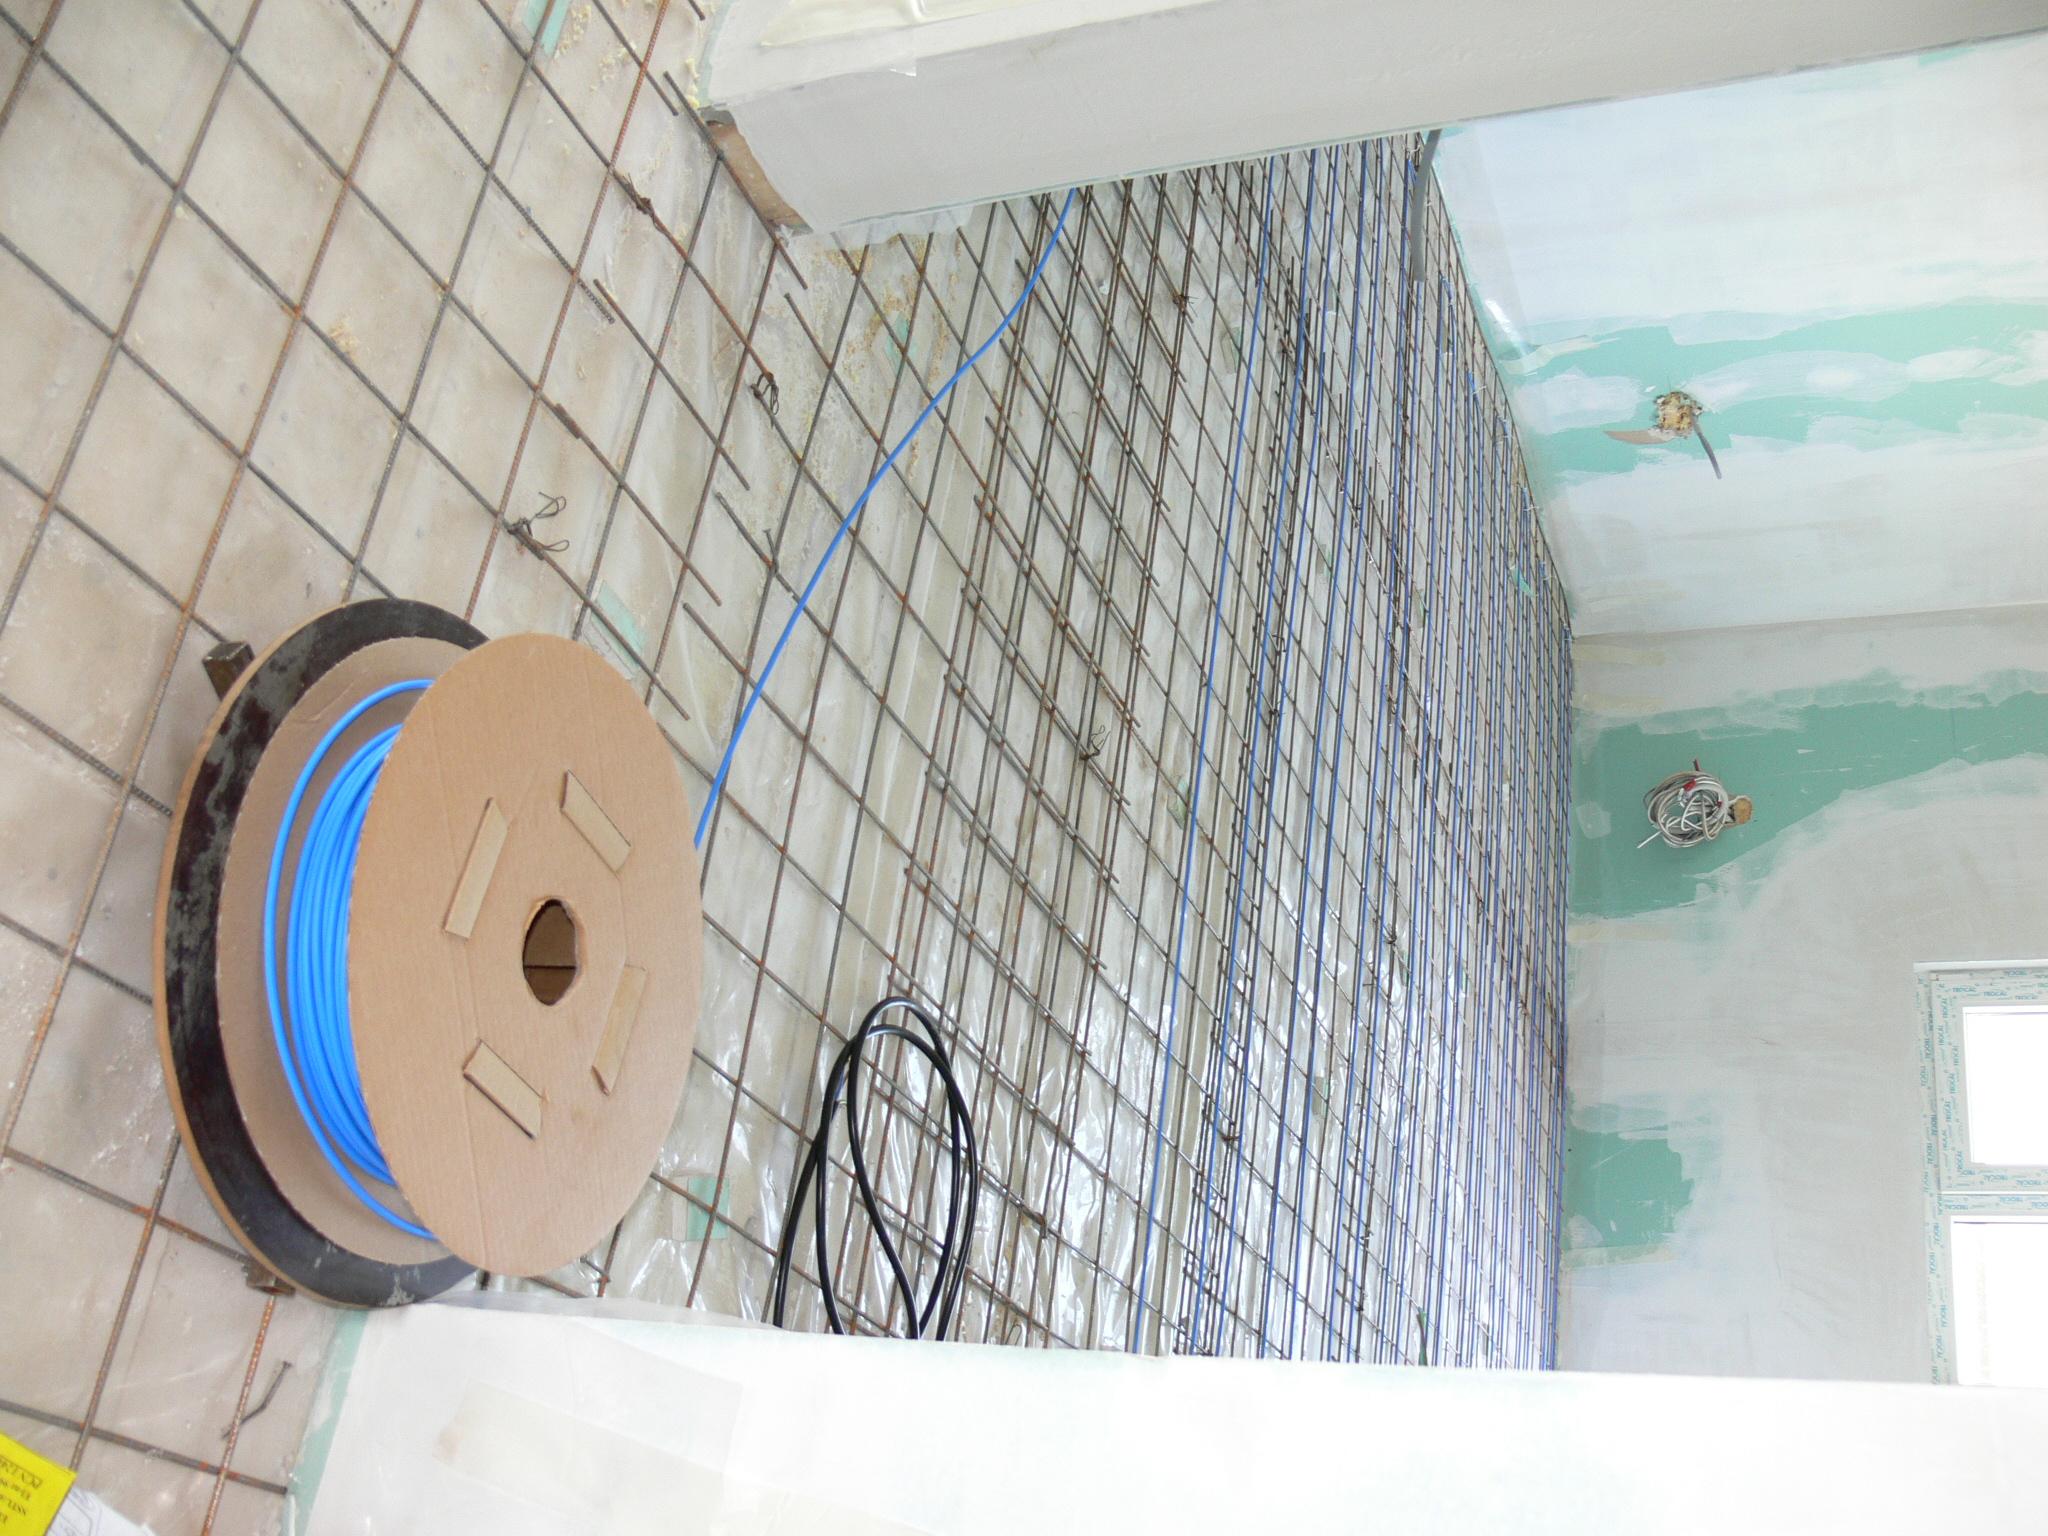 Sistem de incalzire electrica prin pardoseala RAYCHEM - Poza 140